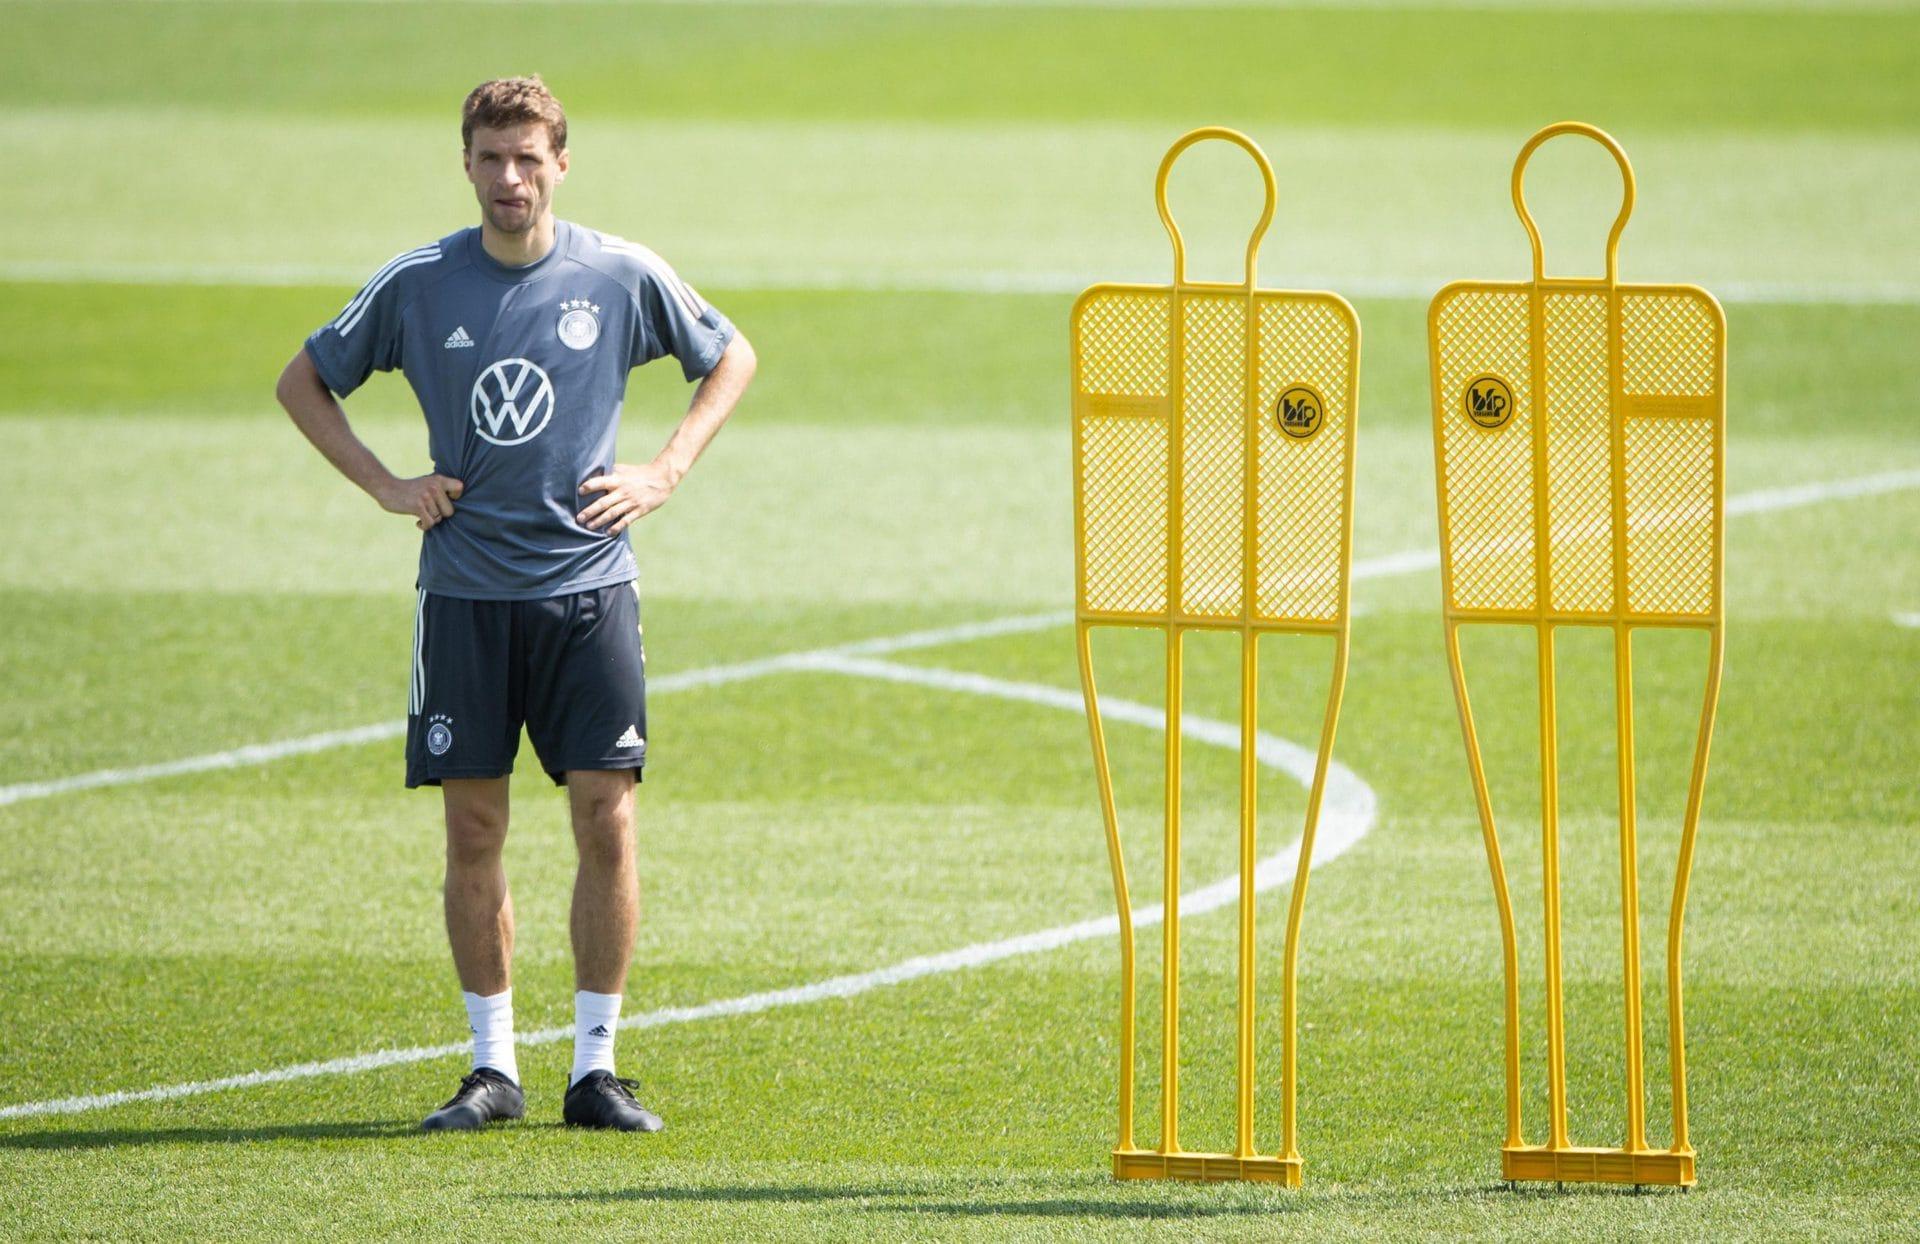 Auch Müller neugierig auf Flicks ersten Kader «Spannende Geschichte»